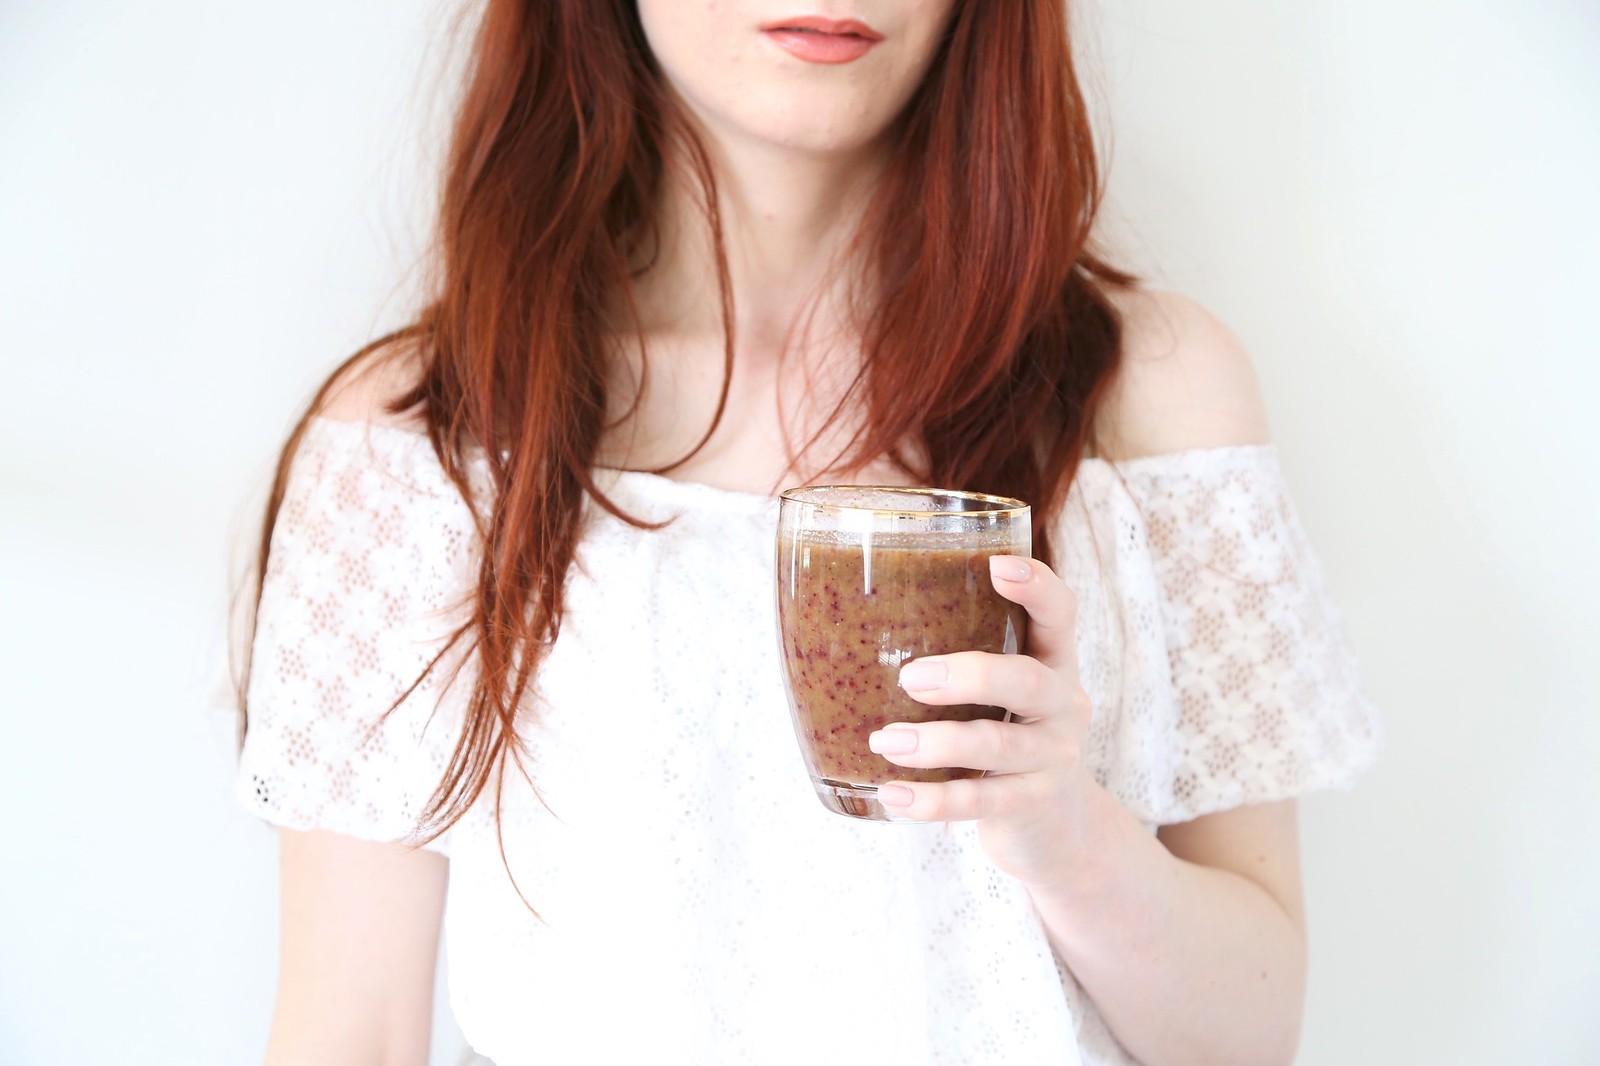 chiaseedsmoothie, berrysmoothie, krystelcouture, healthy, smoothies,